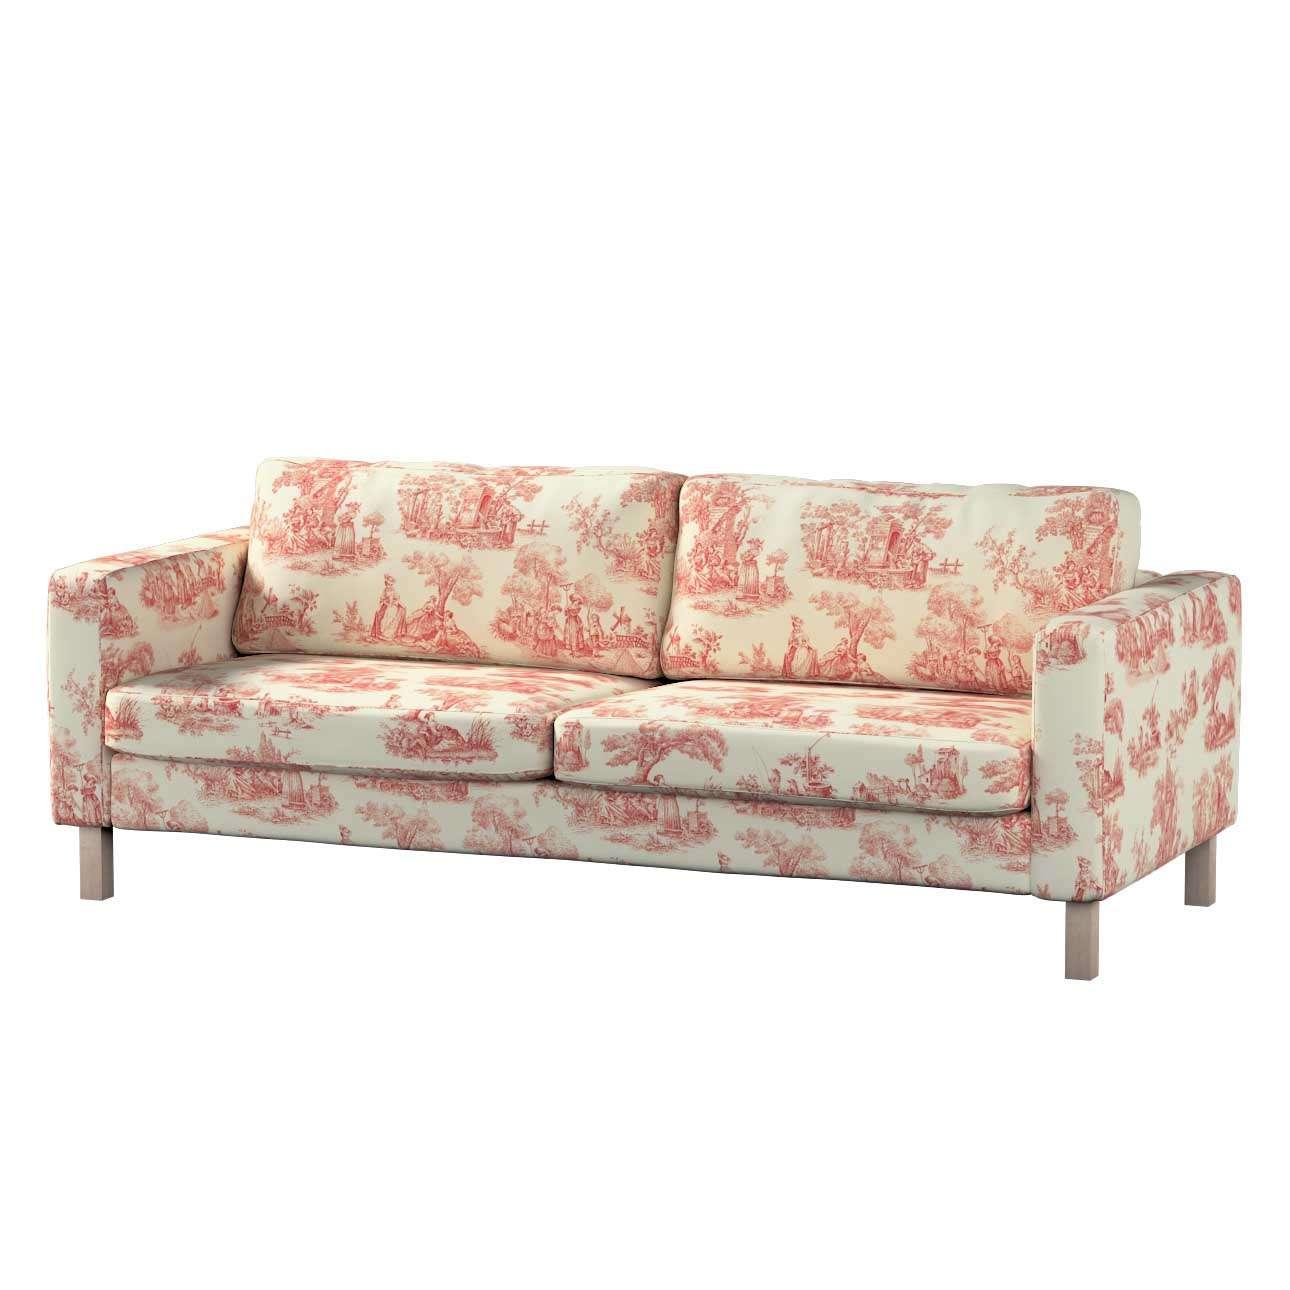 Pokrowiec na sofę Karlstad rozkładaną, krótki Sofa Karlstad 3-os rozkładana w kolekcji Avinon, tkanina: 132-15